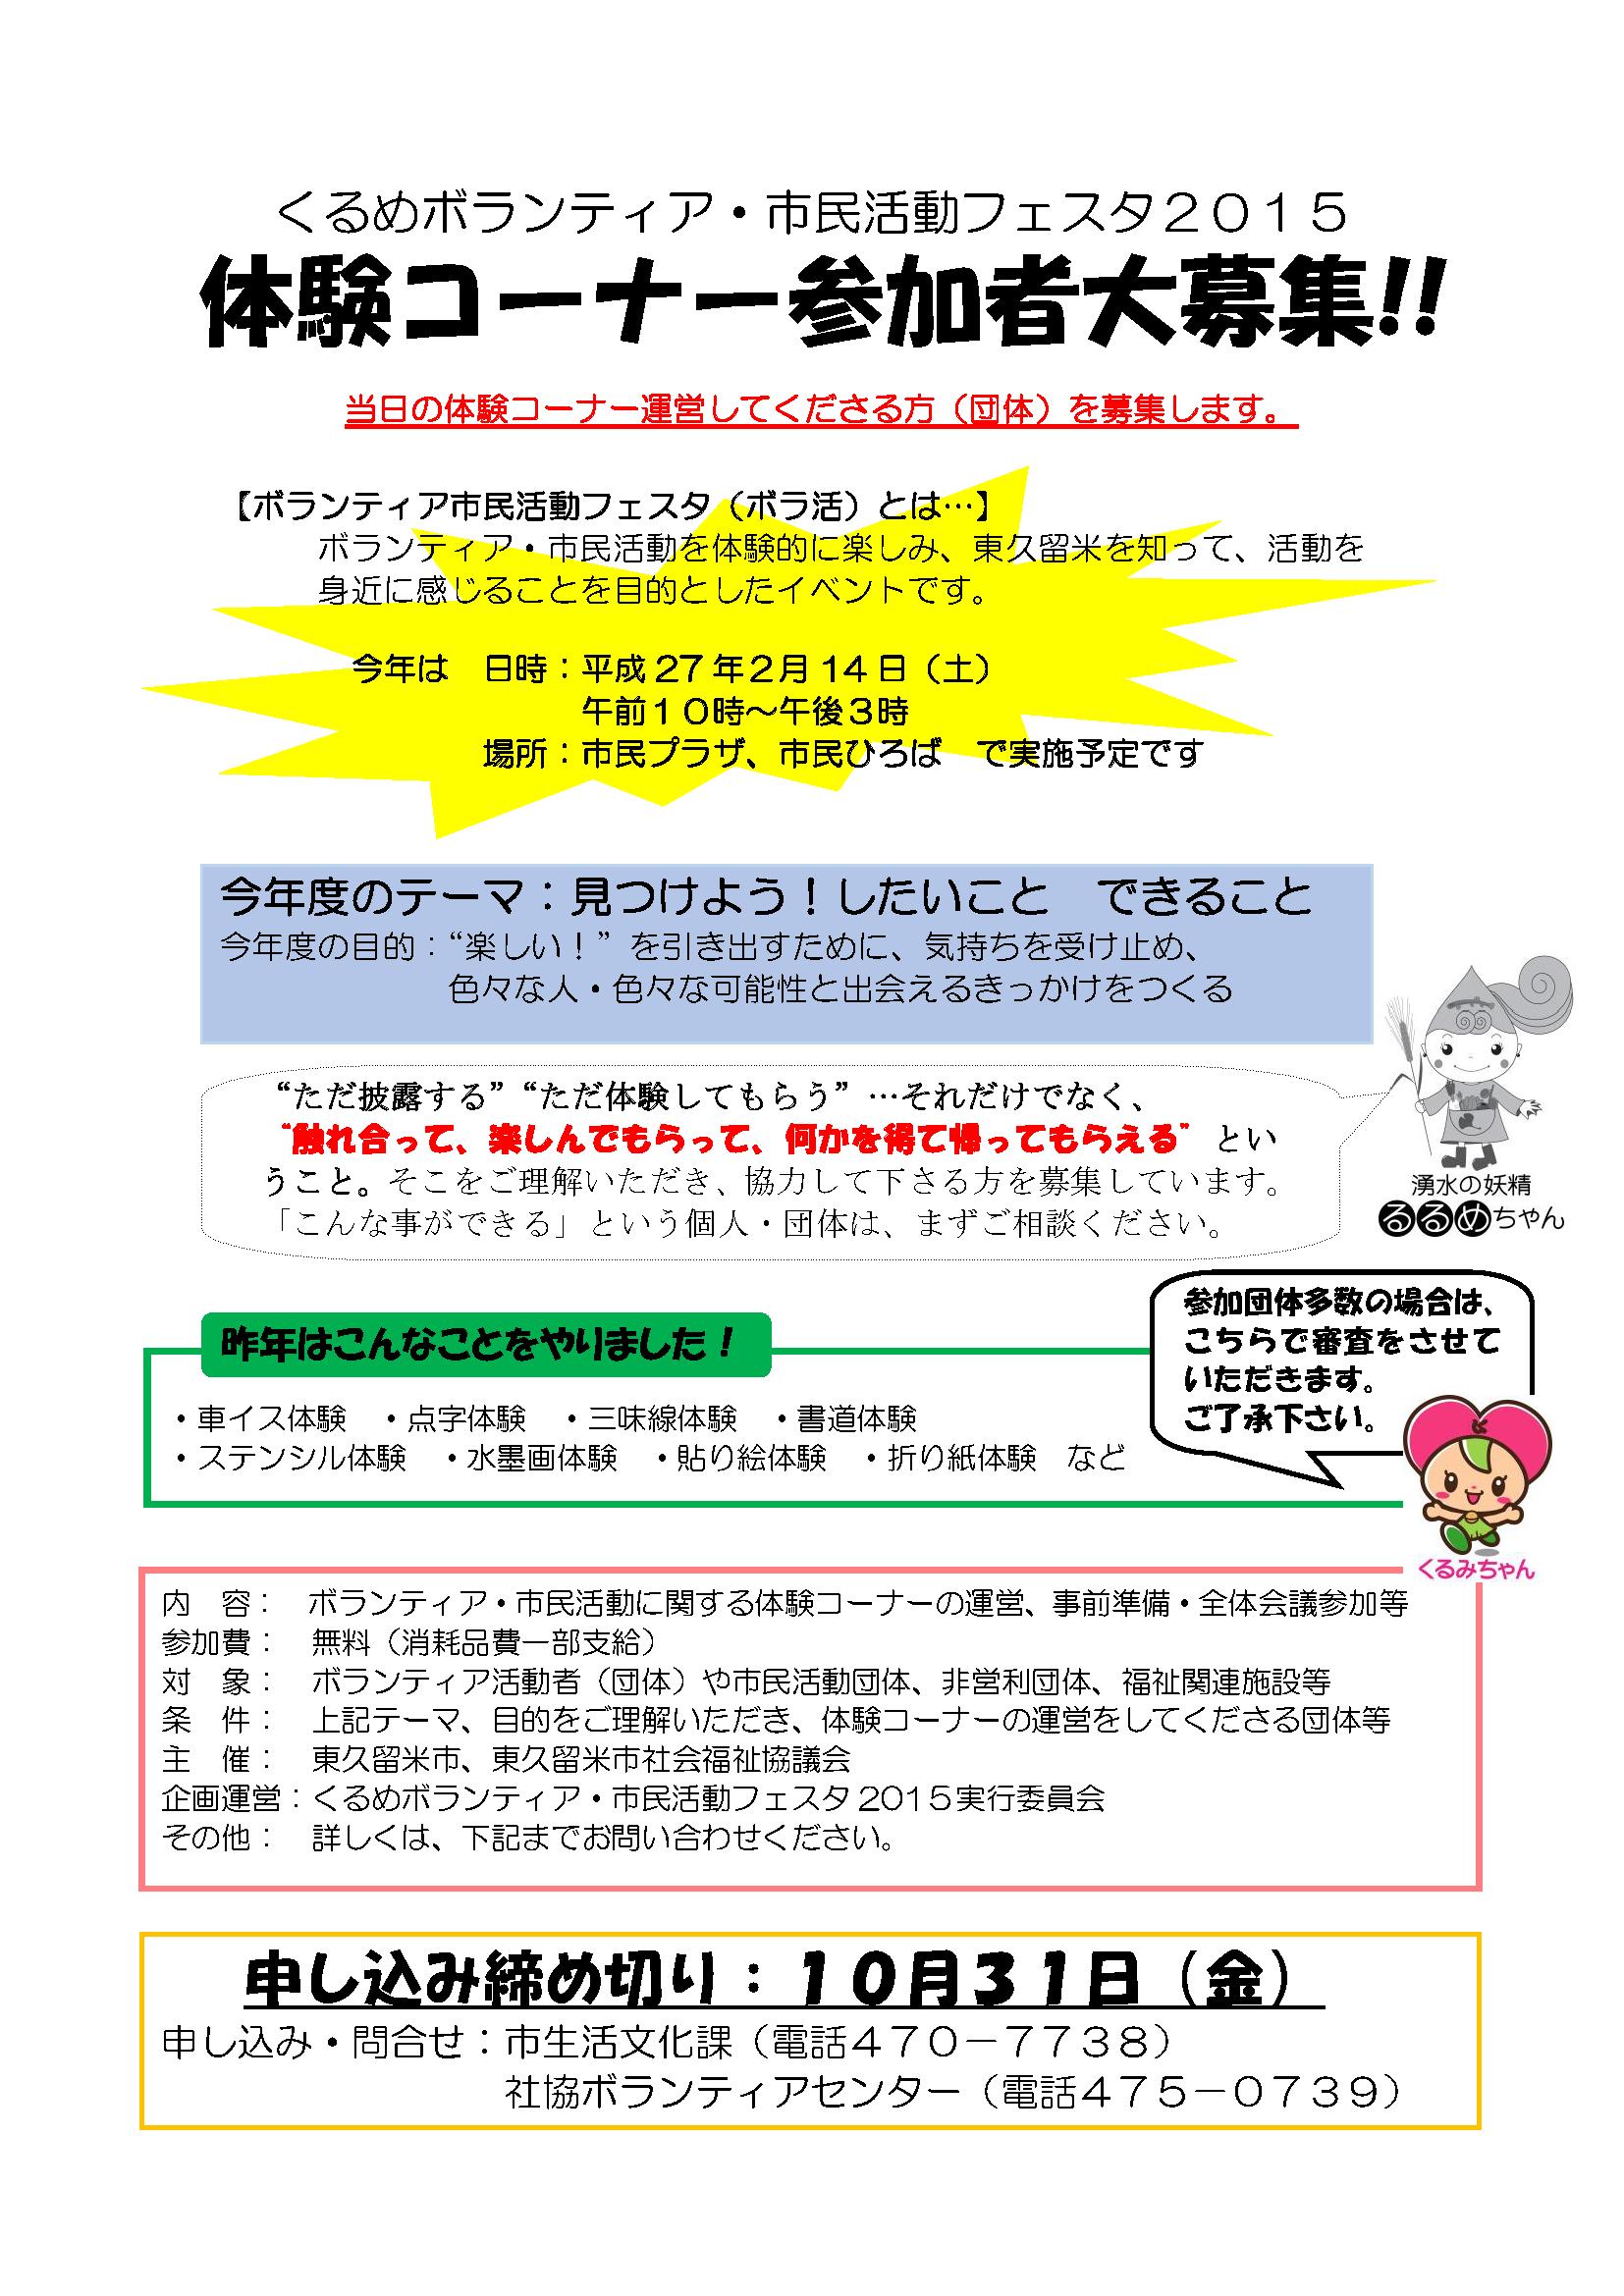 ボランティア市民活動フェスタ2015協力団体募集